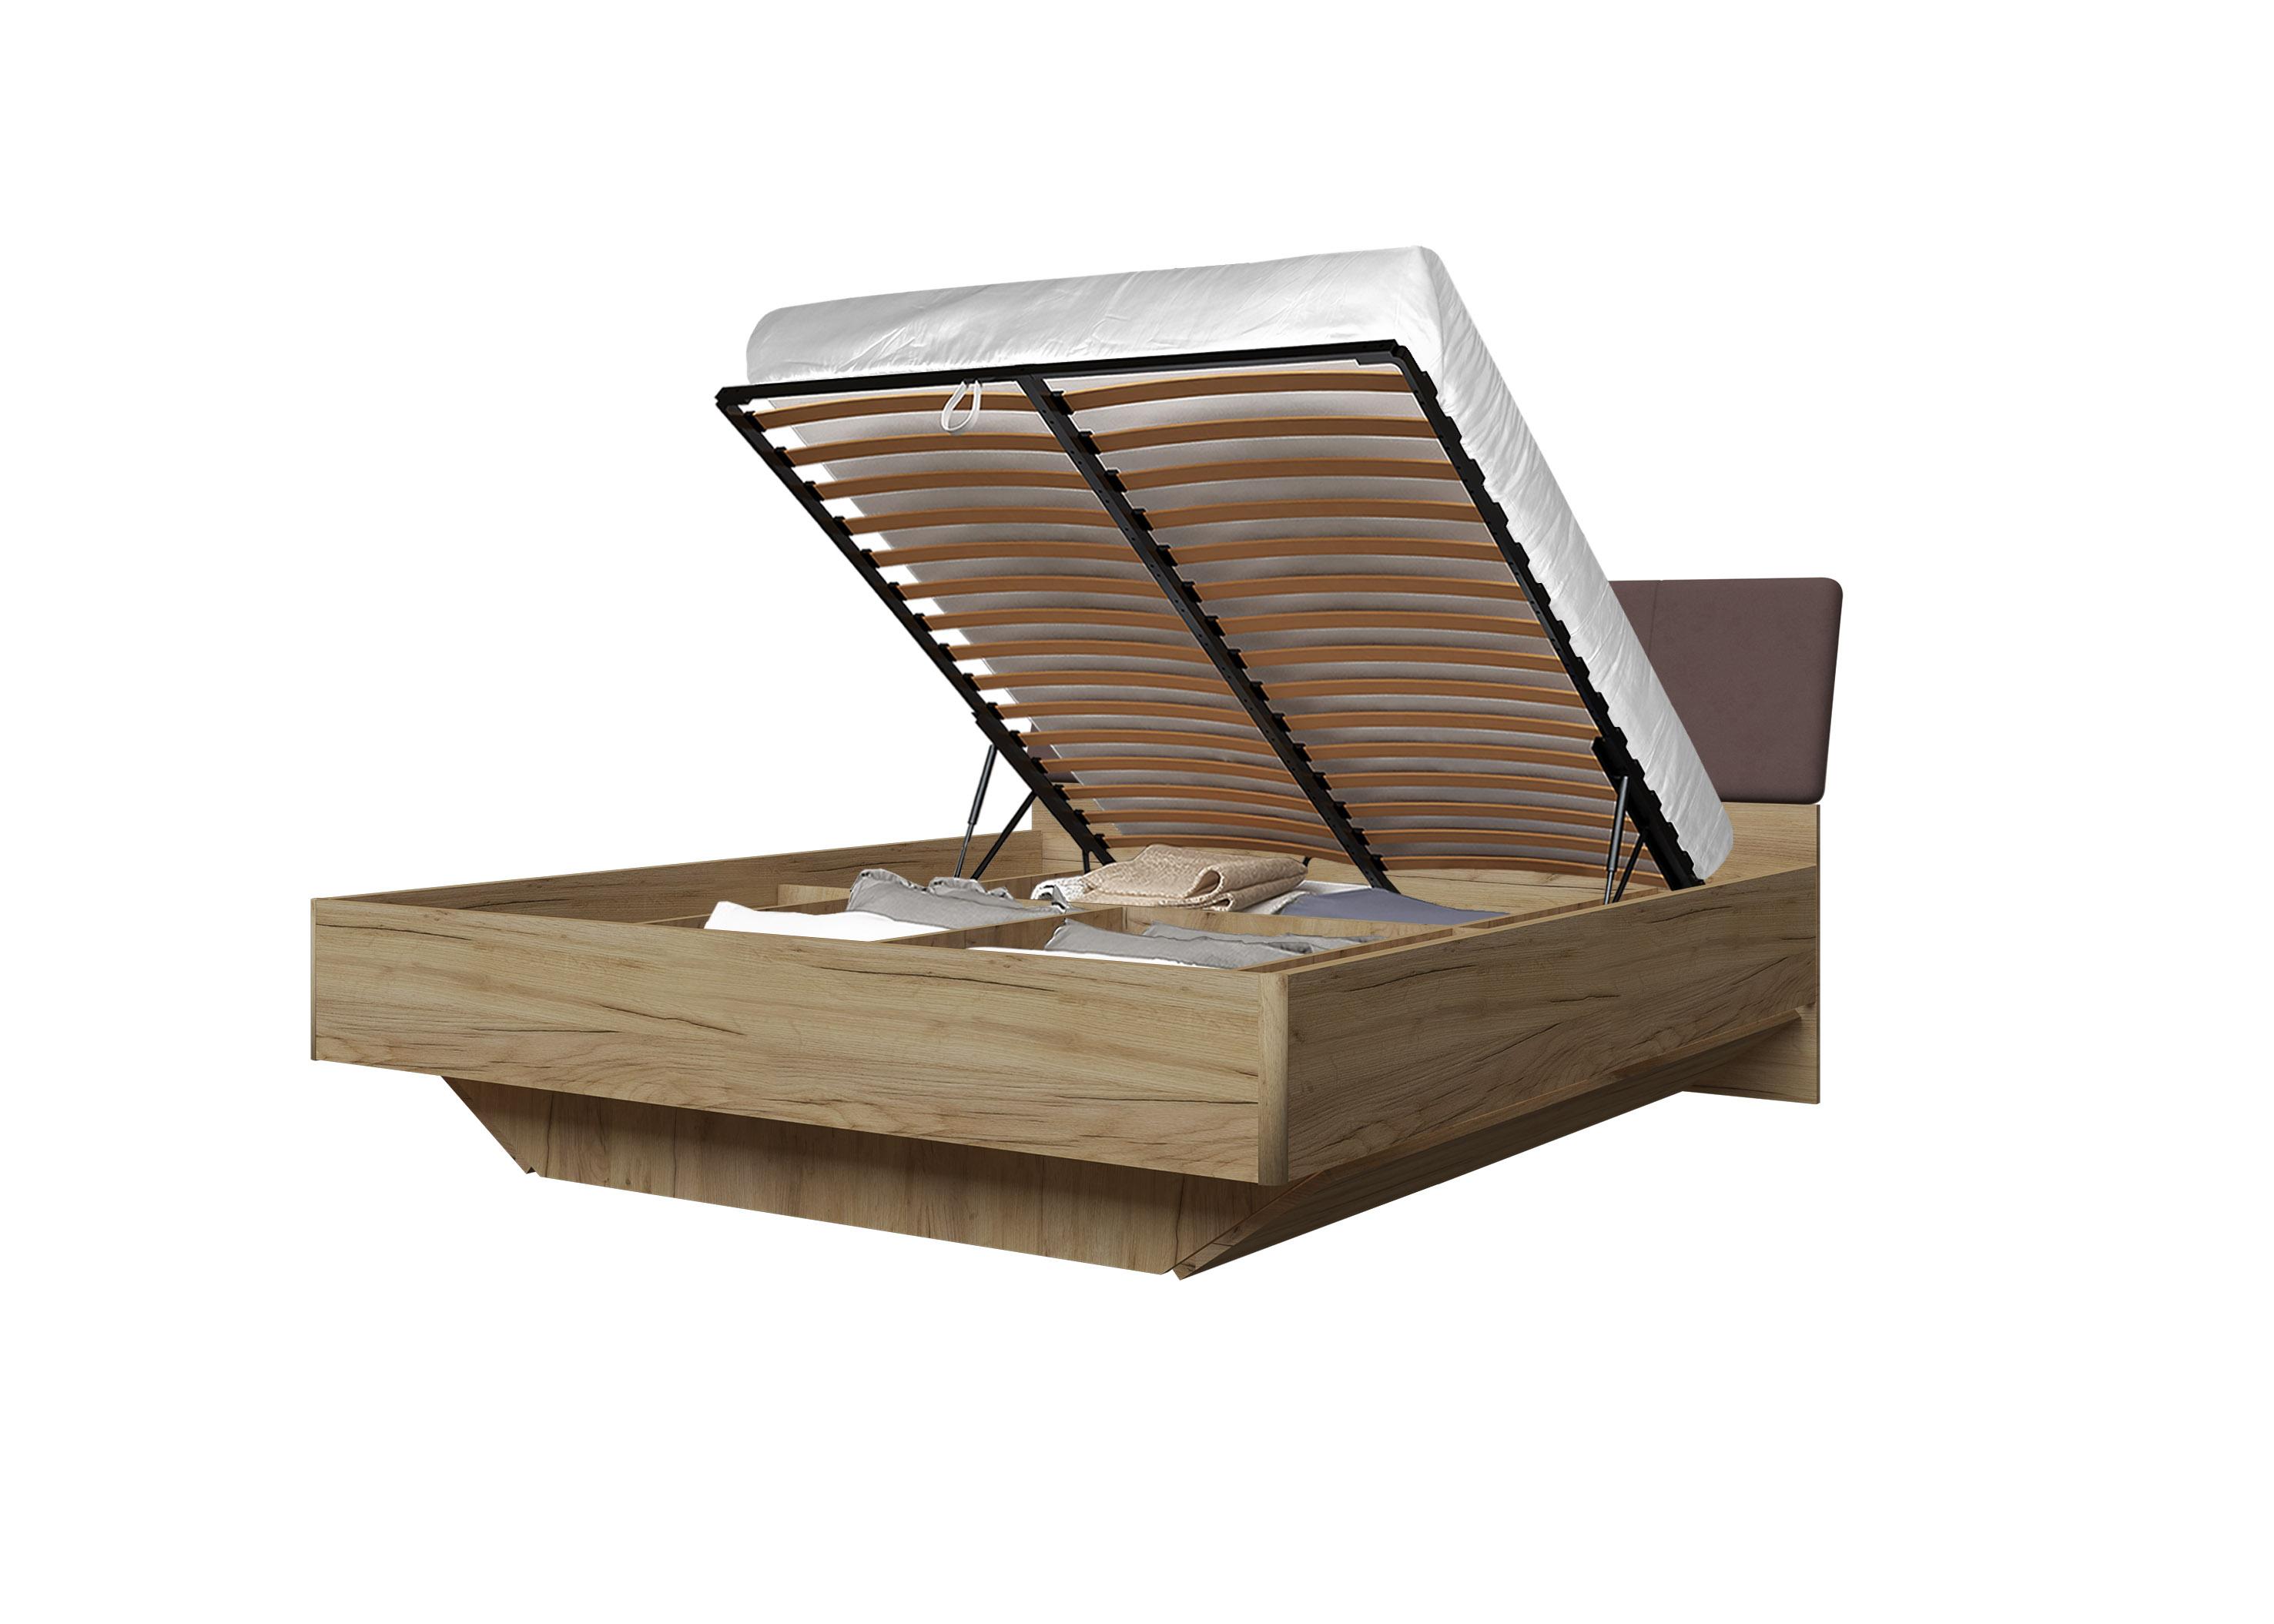 Doppelbett Toskana 180x200 in Eiche/Braun inkl. Bettkasten